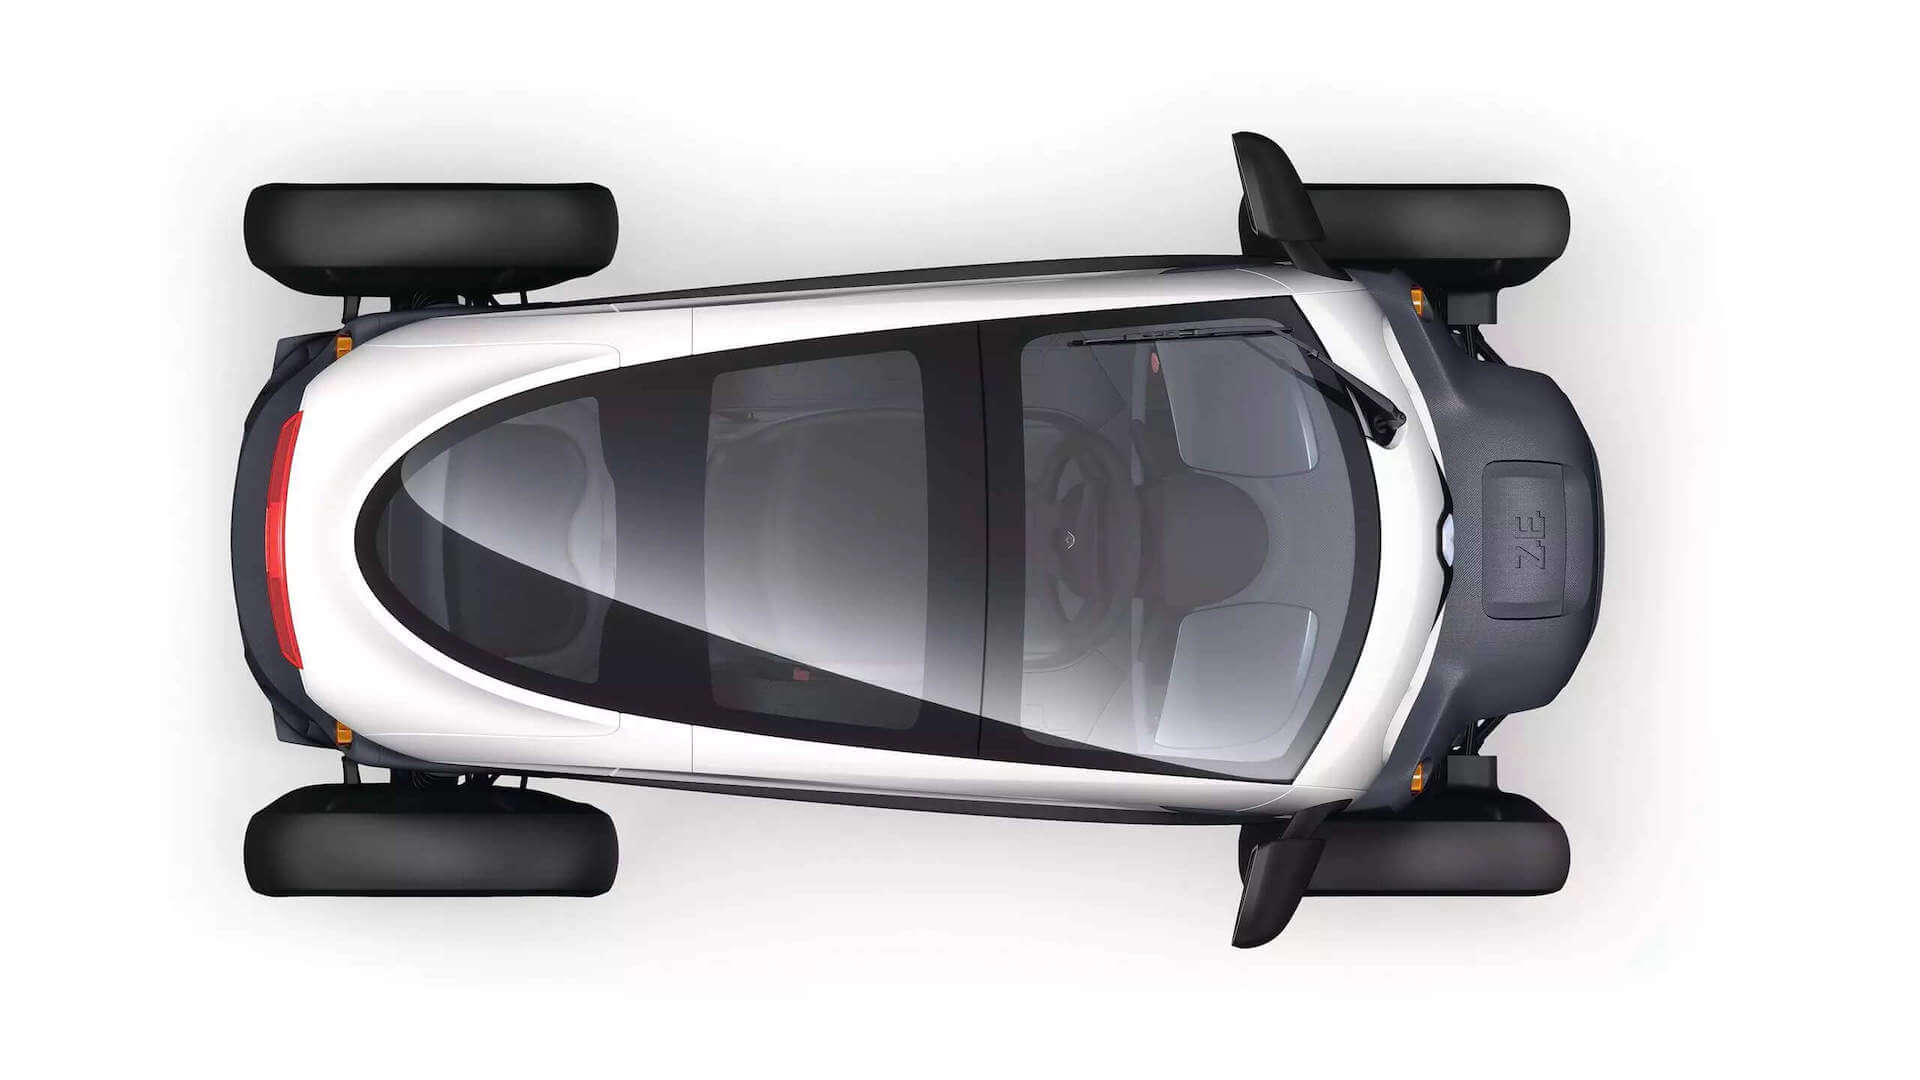 Autoansicht von oben - Renault Twizy - Renault Ahrens Hannover